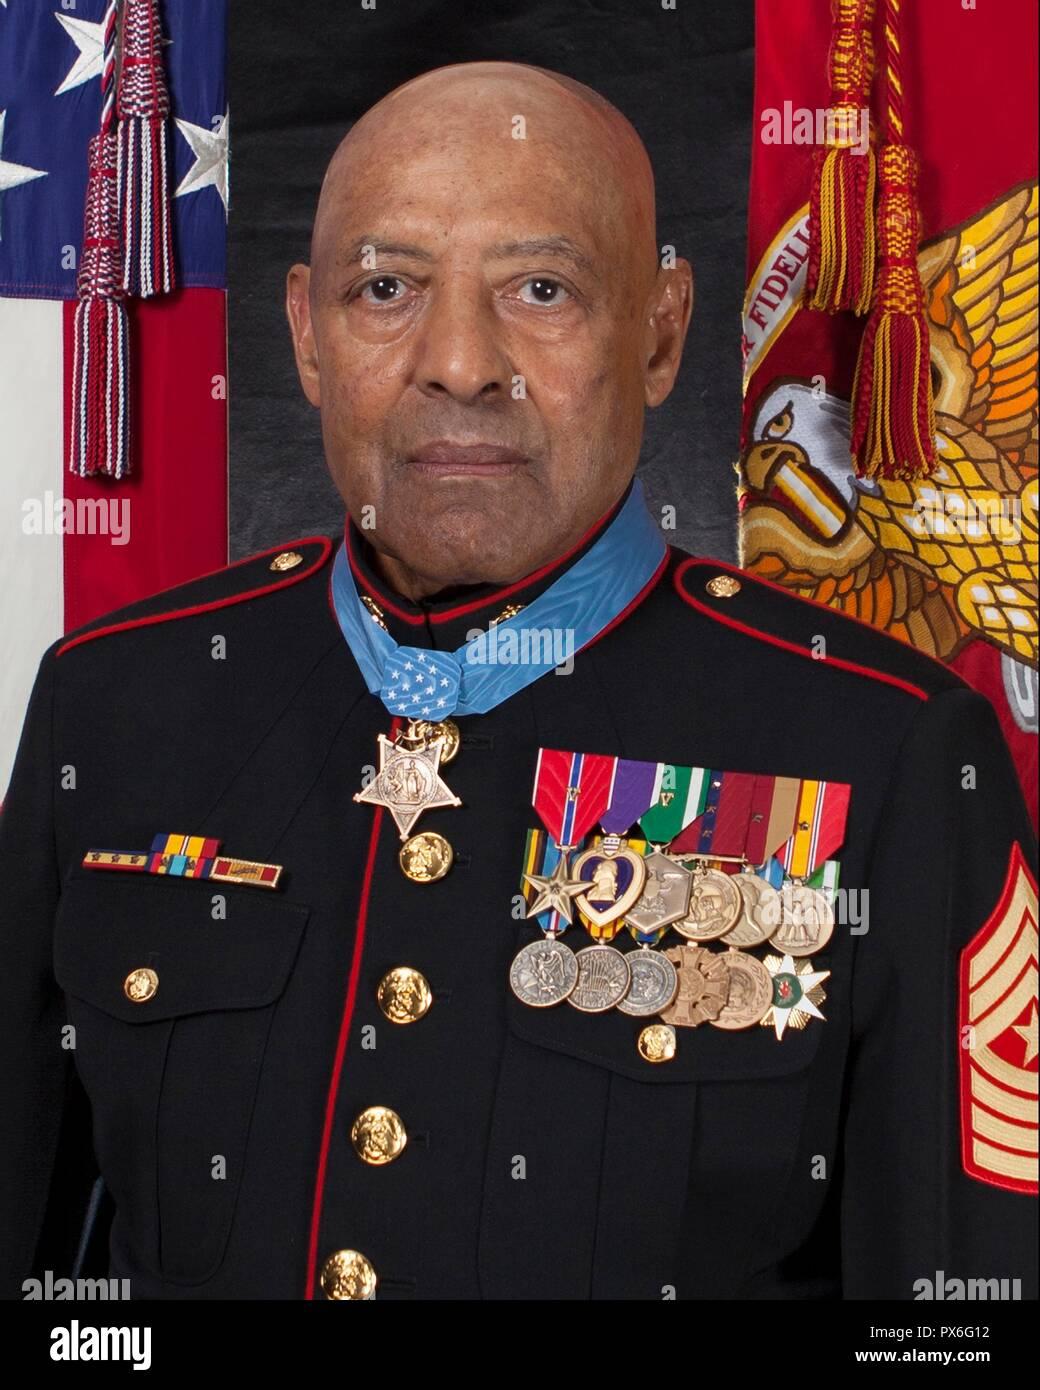 Ehrenmedaille Empfänger pensionierter US Marine Sgt. Maj. John canley wirft mit seiner Medaille für seine offizielle Portrait im Pentagon Oktober 18, 2018 in Washington, DC. Die Nationen Canley erhielt höchste Ehre für Aktionen, die während der Schlacht um Hue in der Vietnam Krieg. Stockfoto